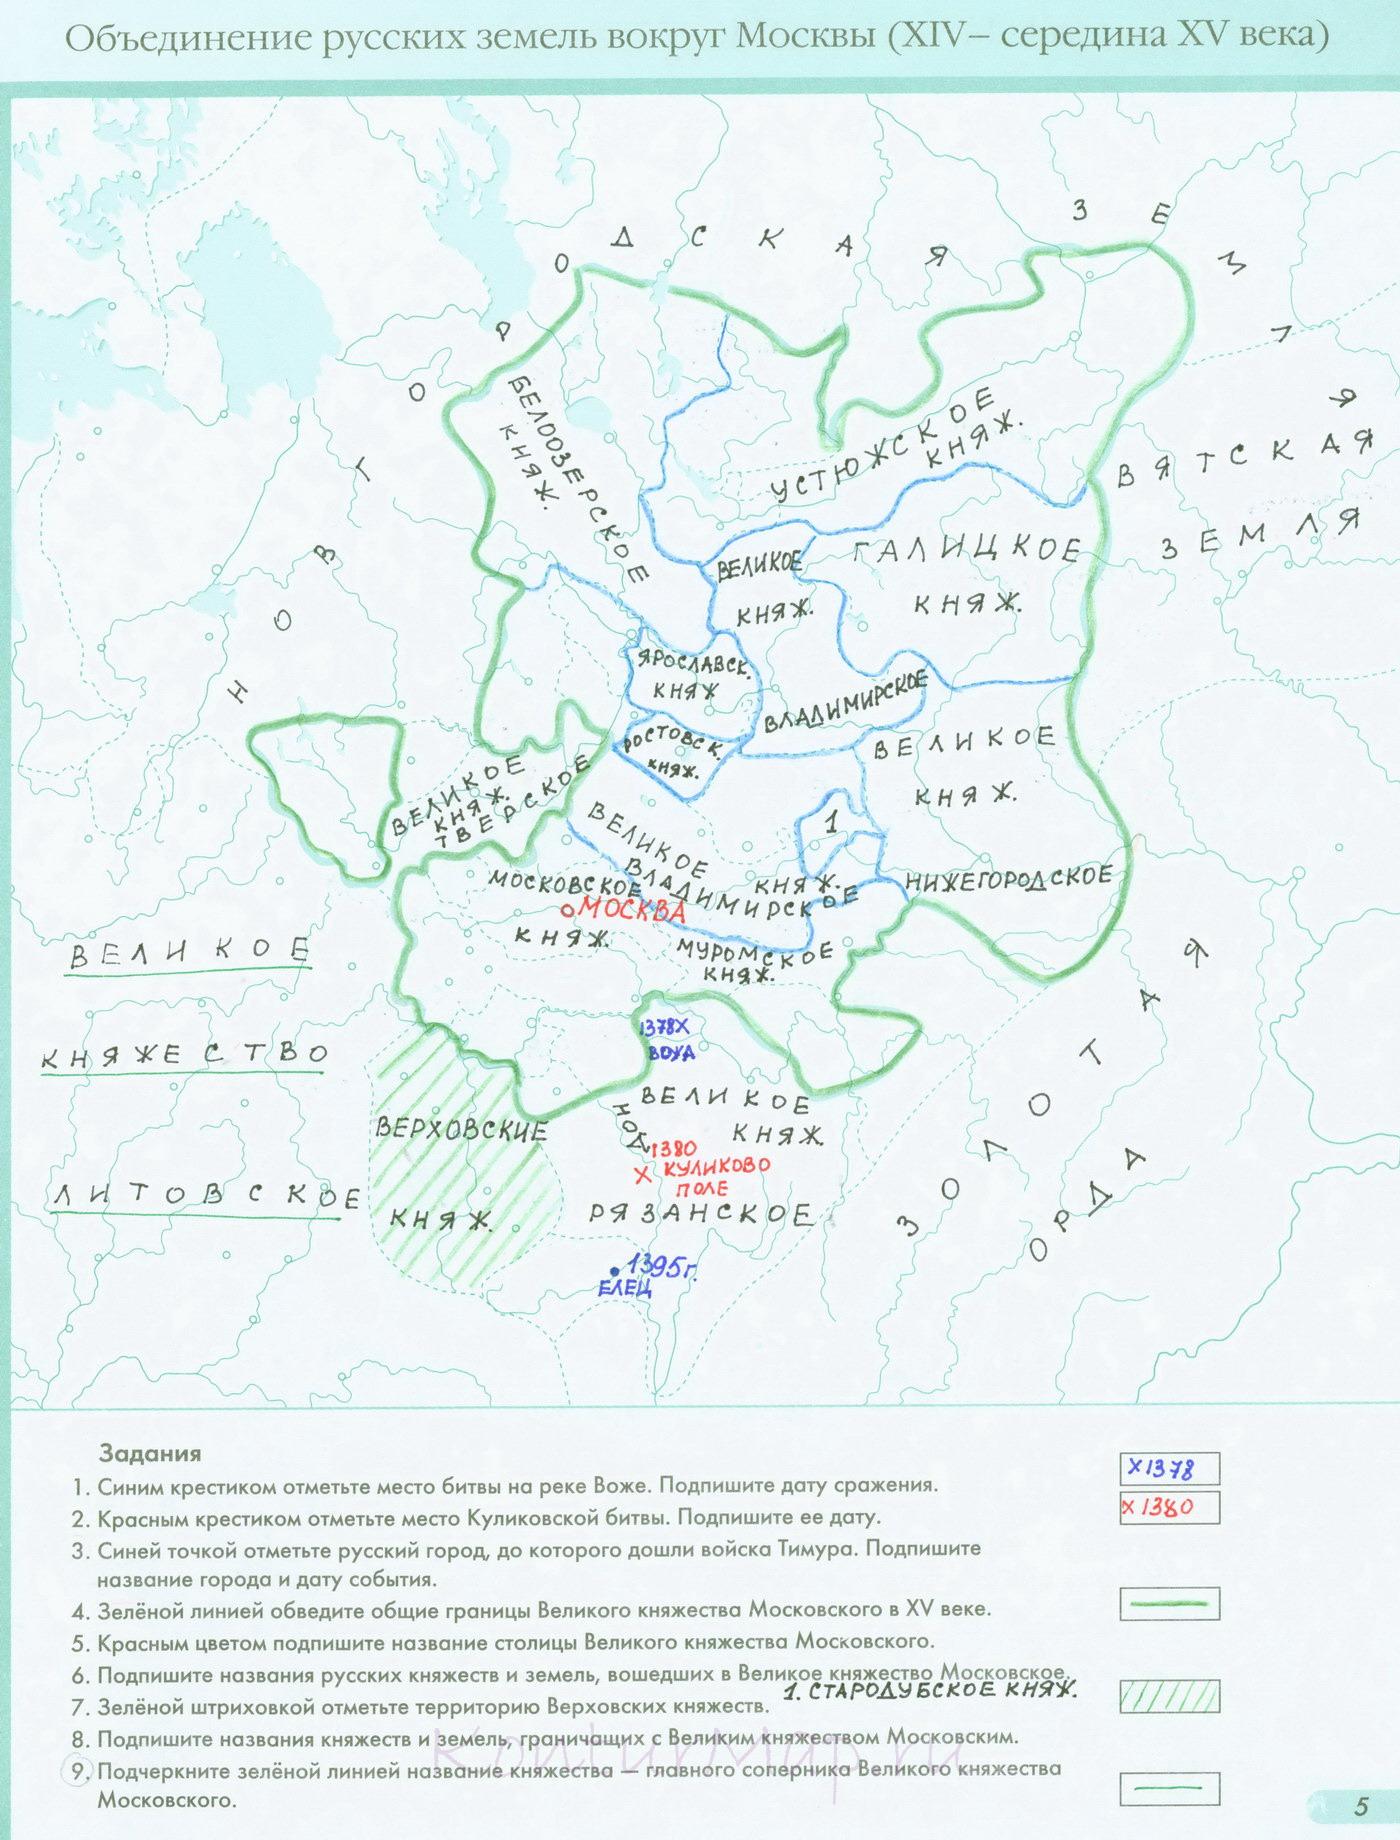 Готовая контурная карта по истории для 7 класса тема русь 12-13 вв